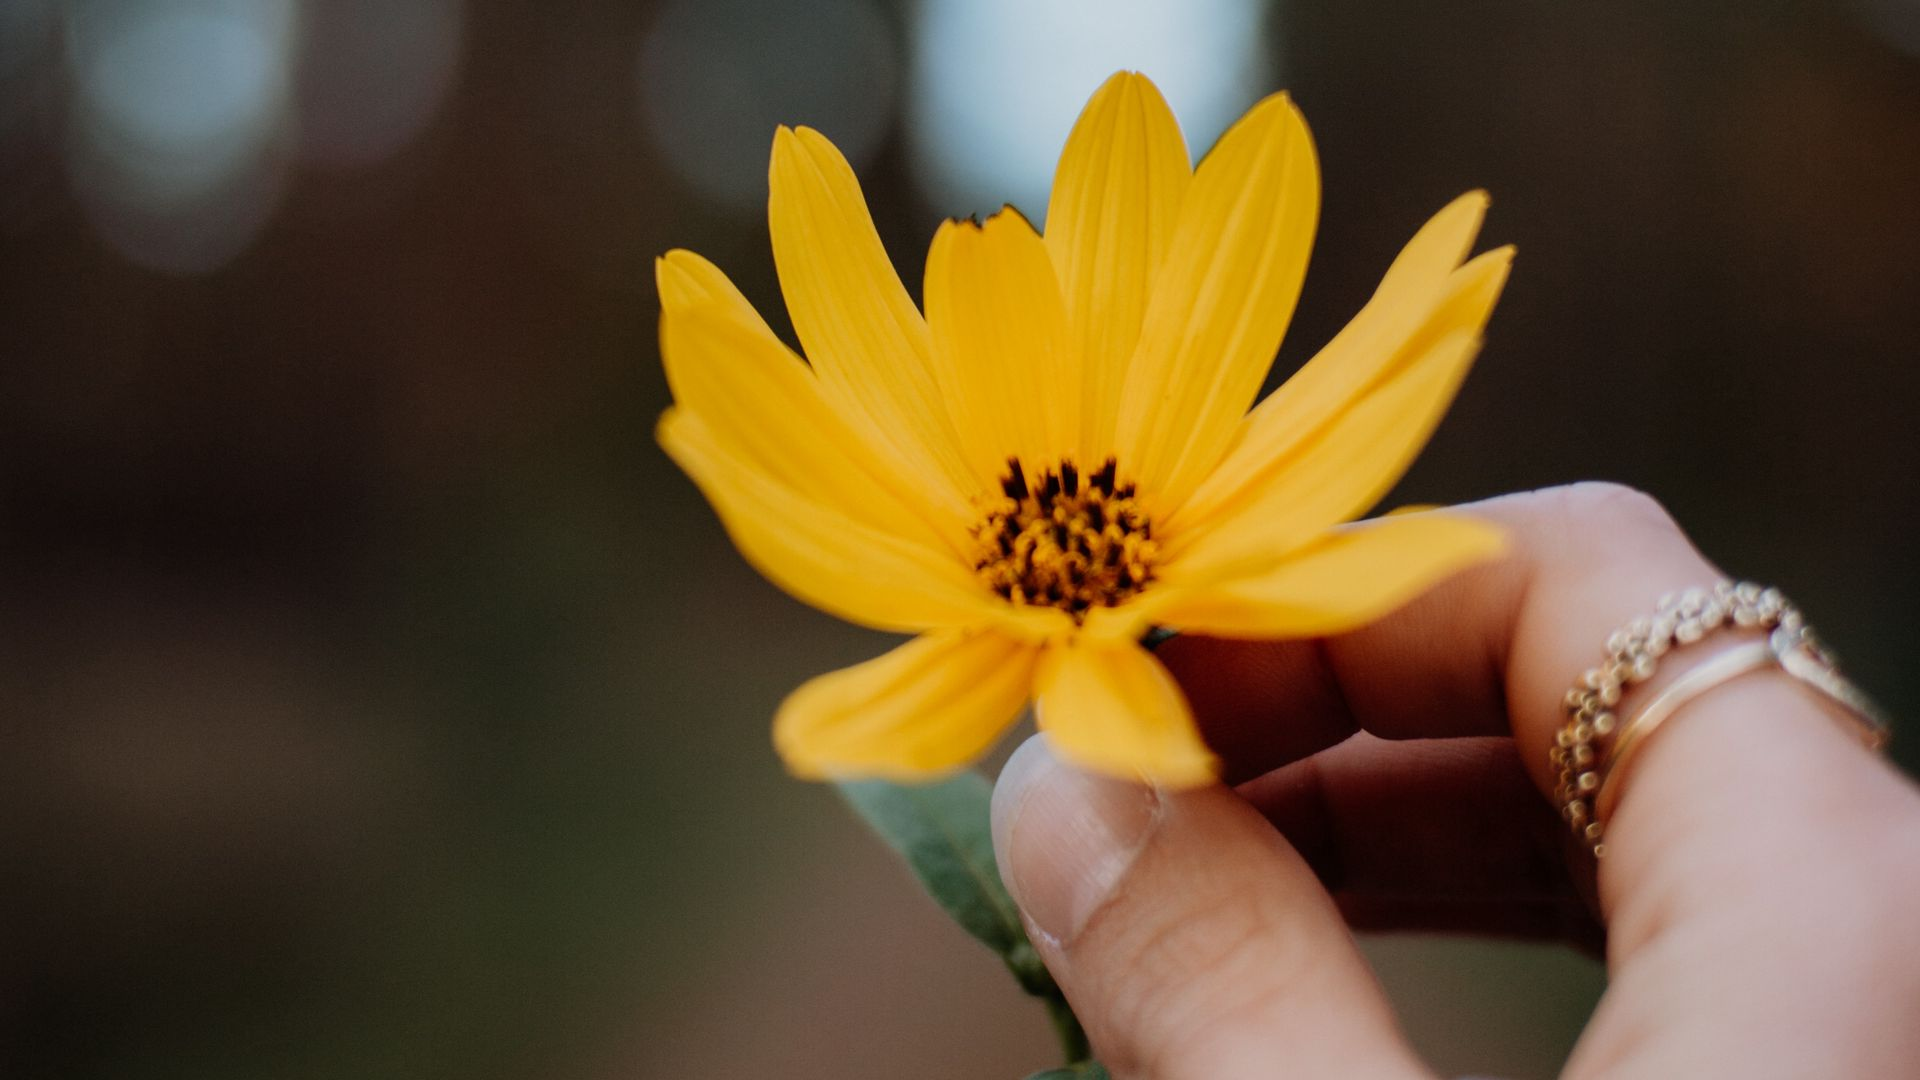 1920x1080 Wallpaper flower, yellow, hand, fingers, closeup